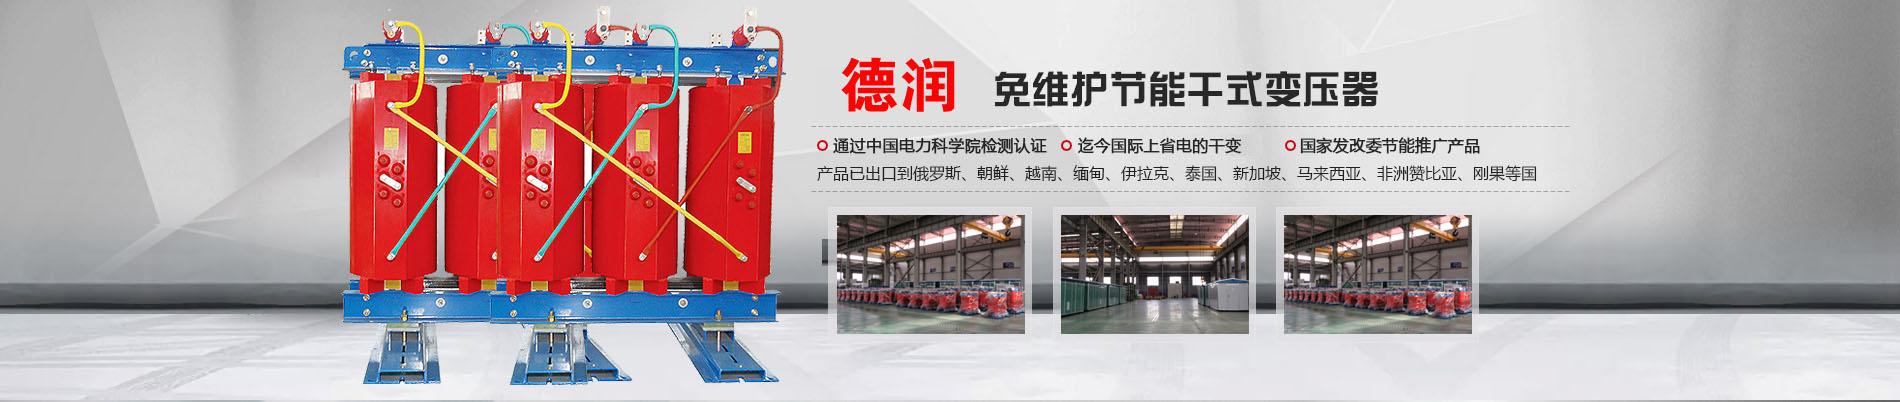 沧州干式变压器厂家